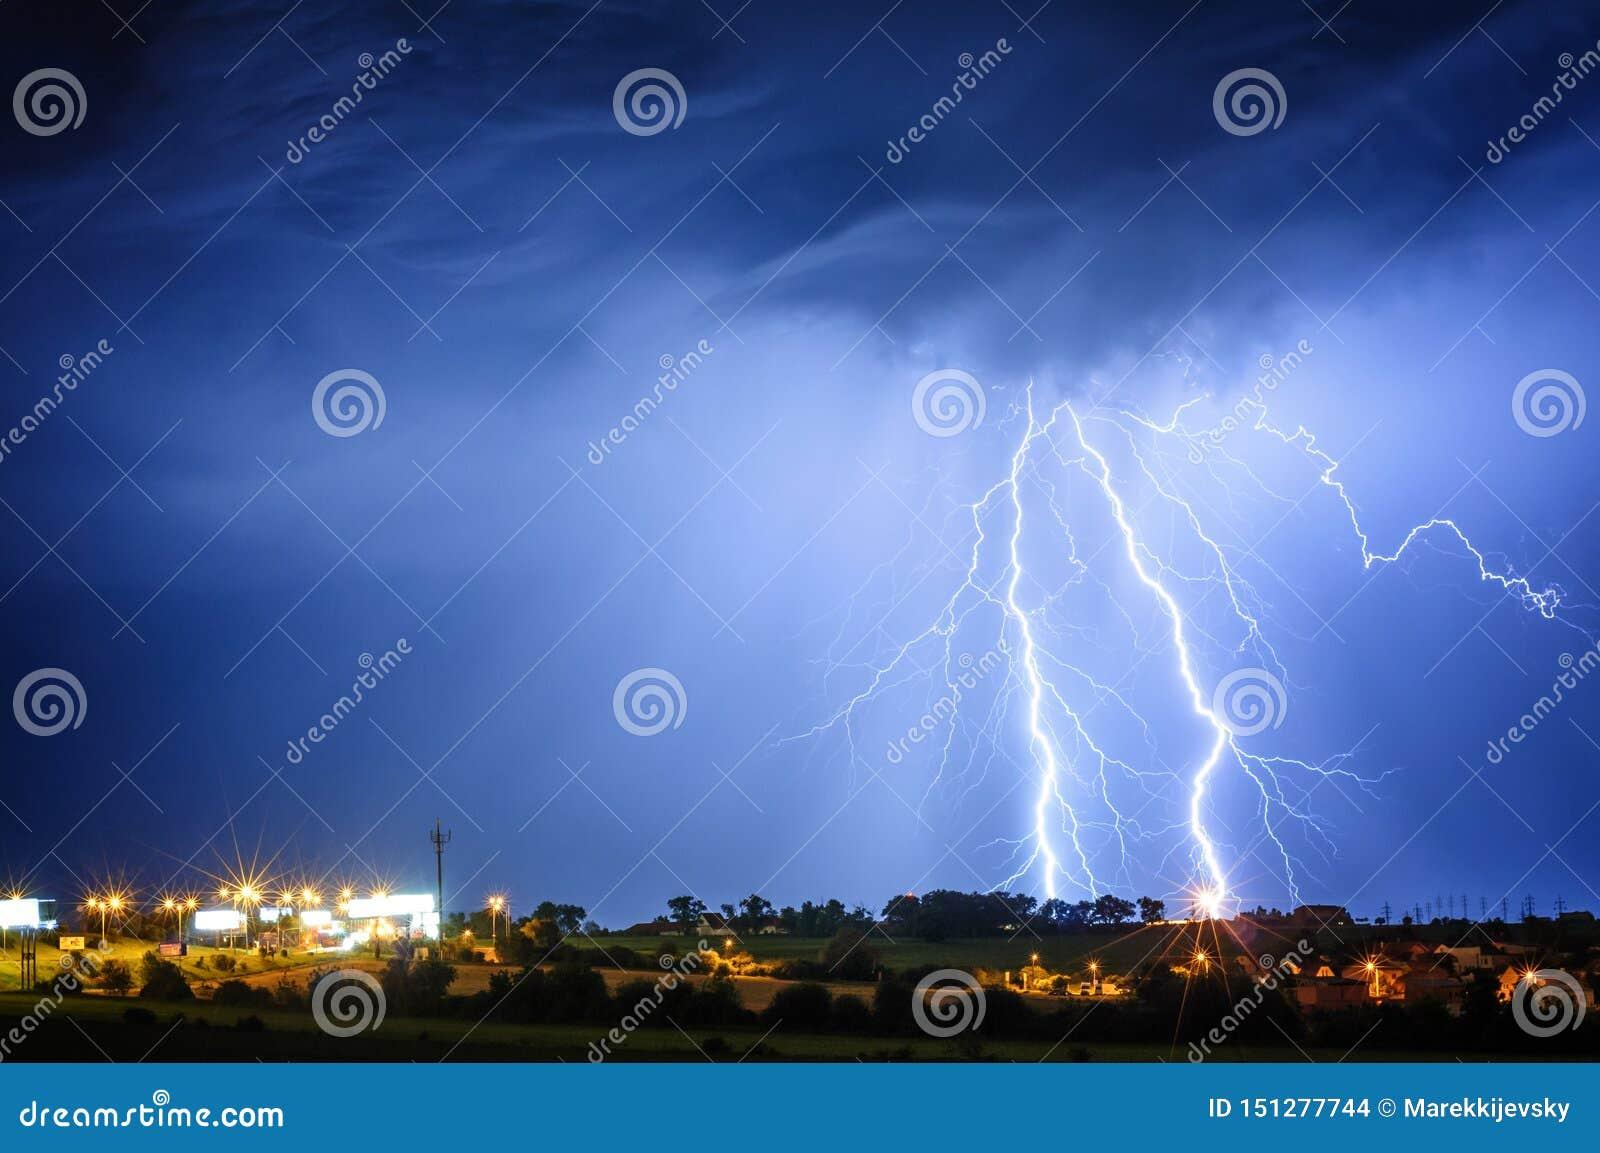 Lightning storm over Prague, Czech republic